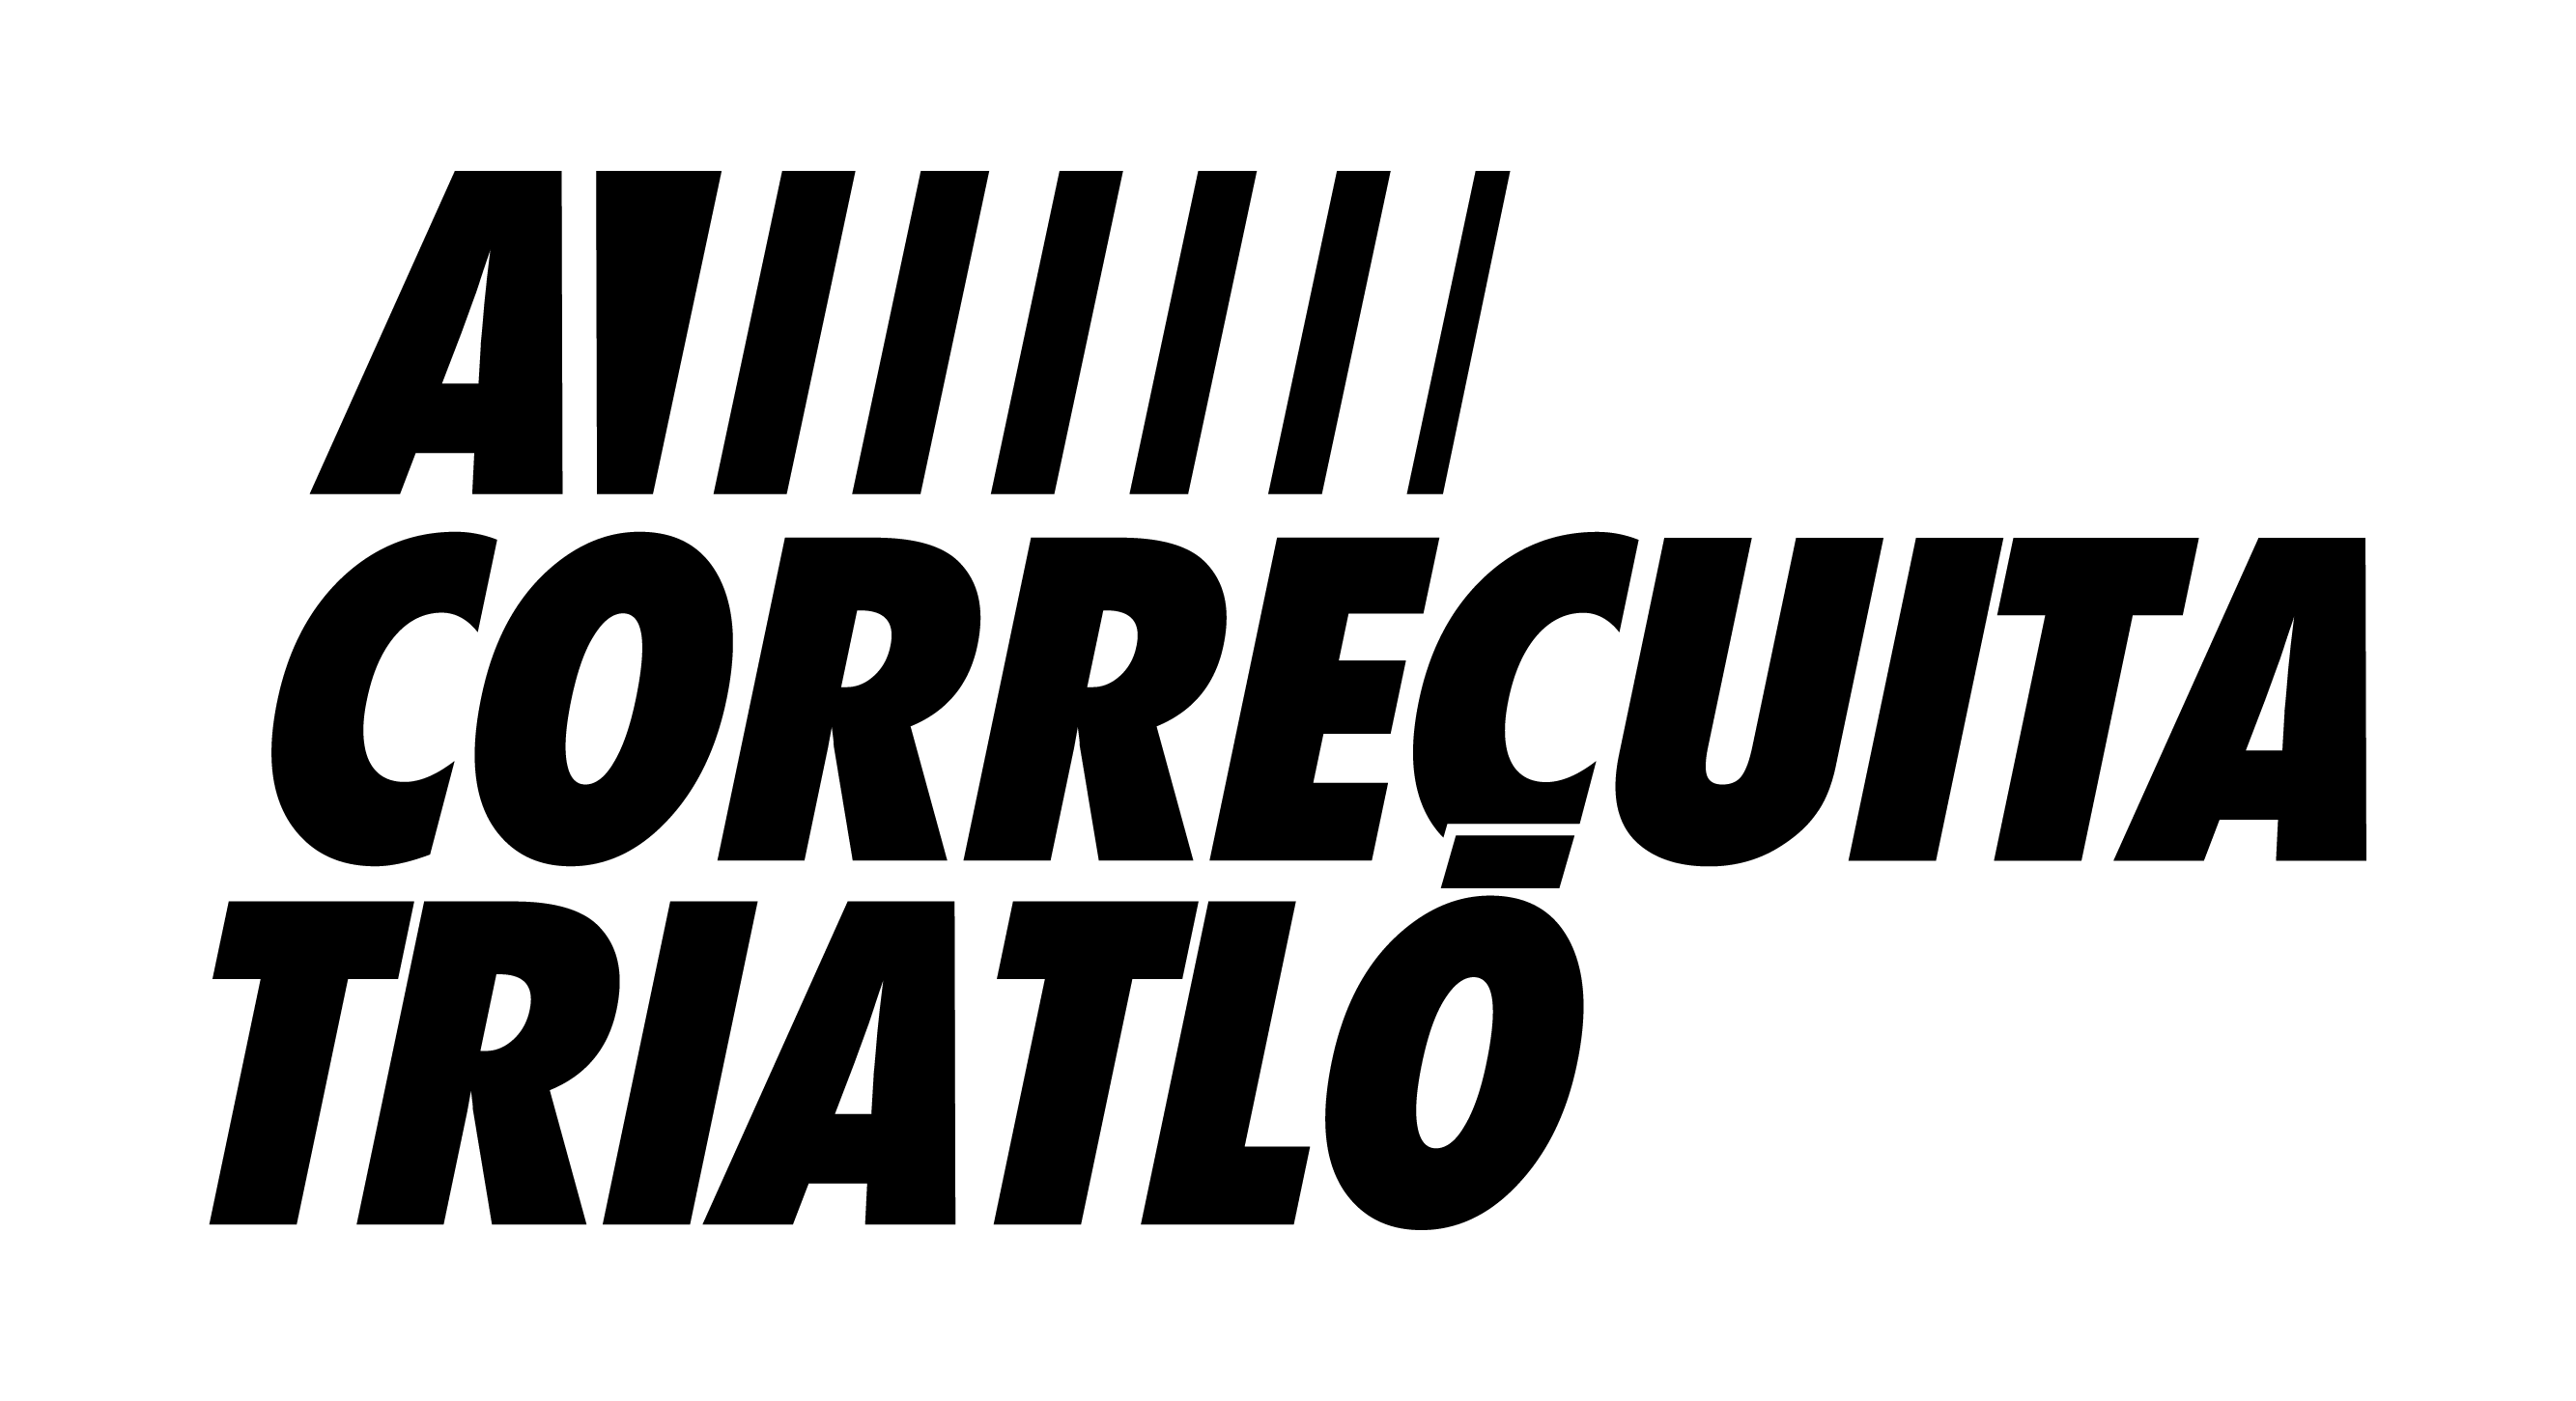 Acorrecuita Triatló